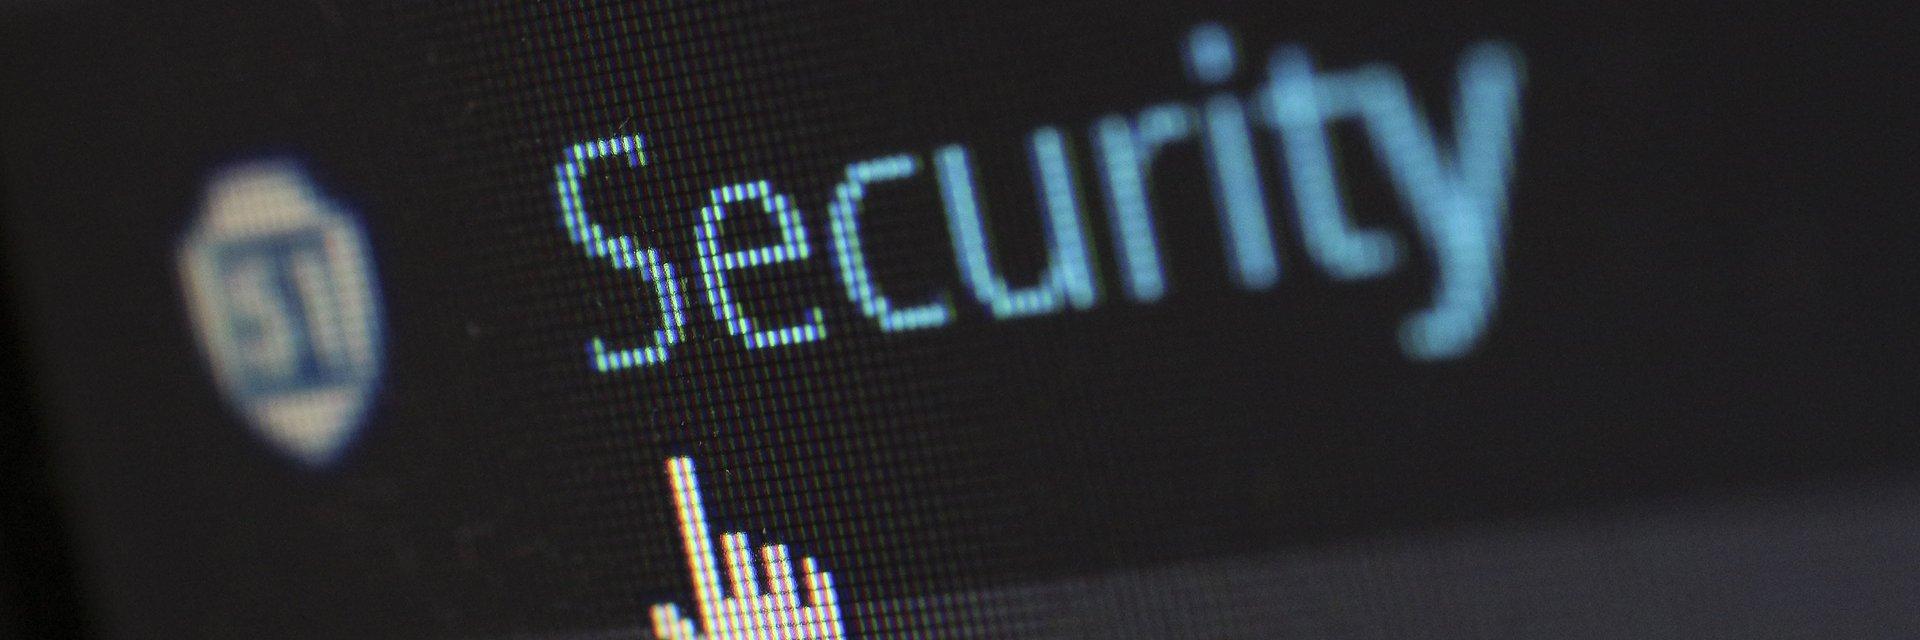 Najsłabszym ogniwem polityk cyberbezpieczeństwa jest człowiek